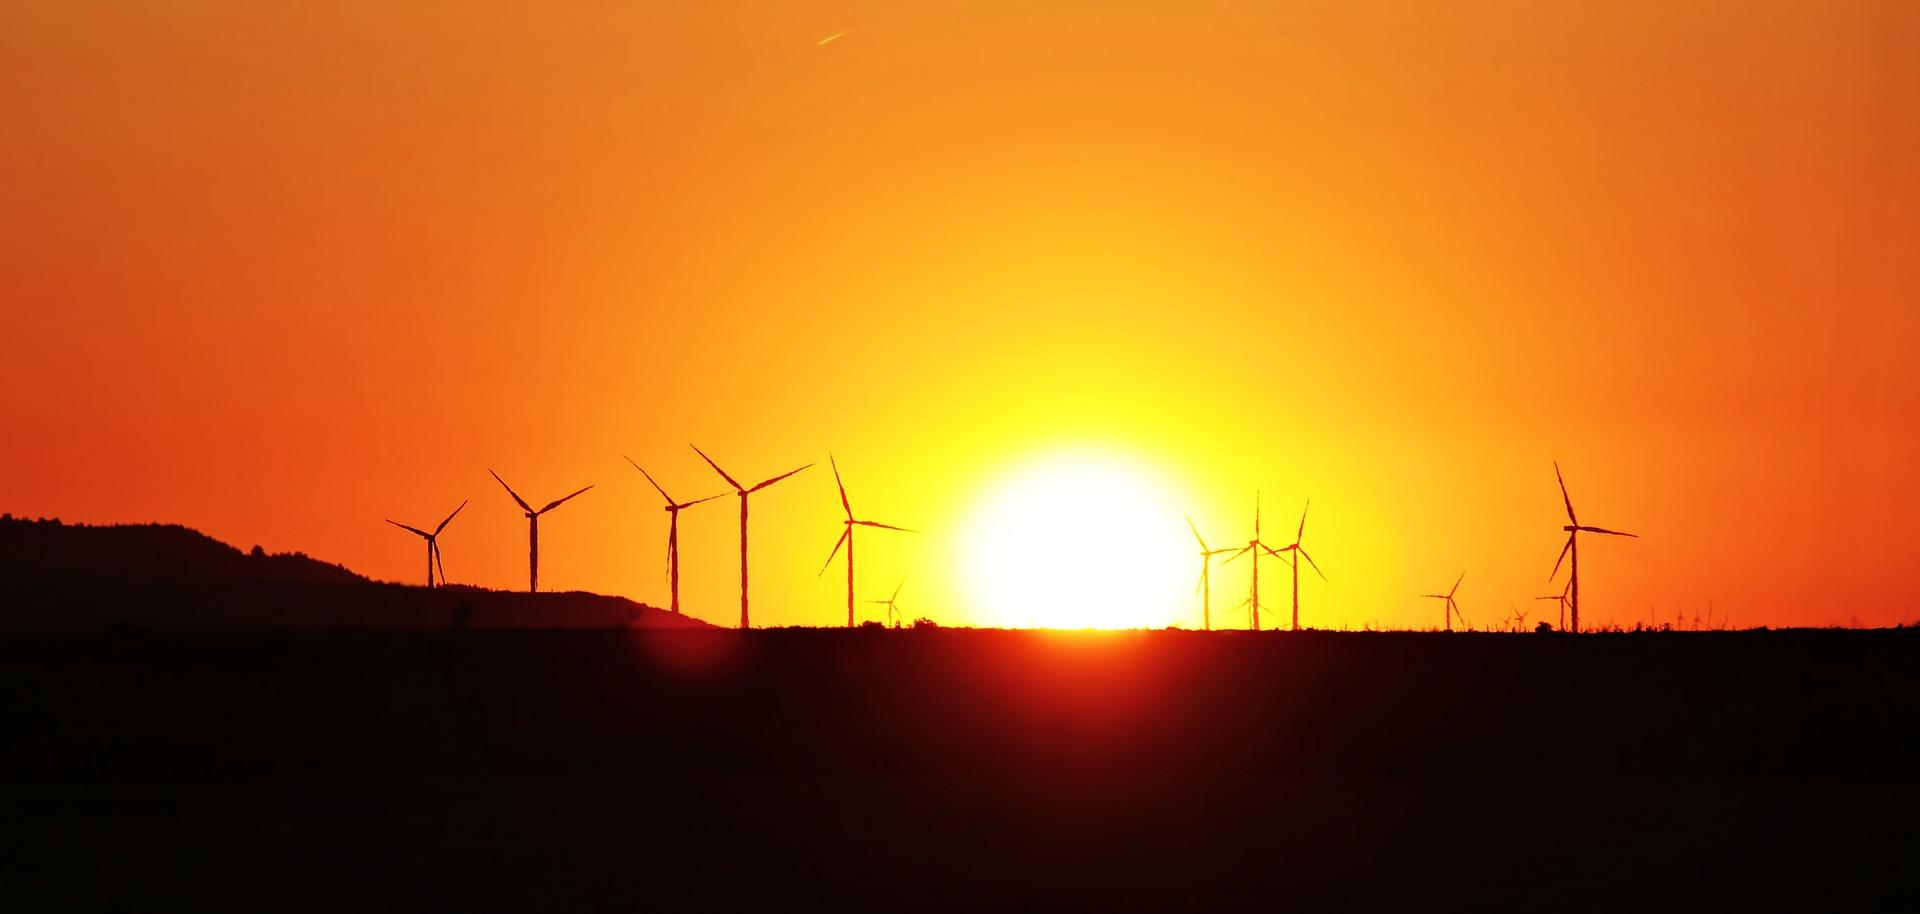 Stromeinspeisung in das allgemeine Versorgungsnetz und der Eigenverbrauch des Erzeugers